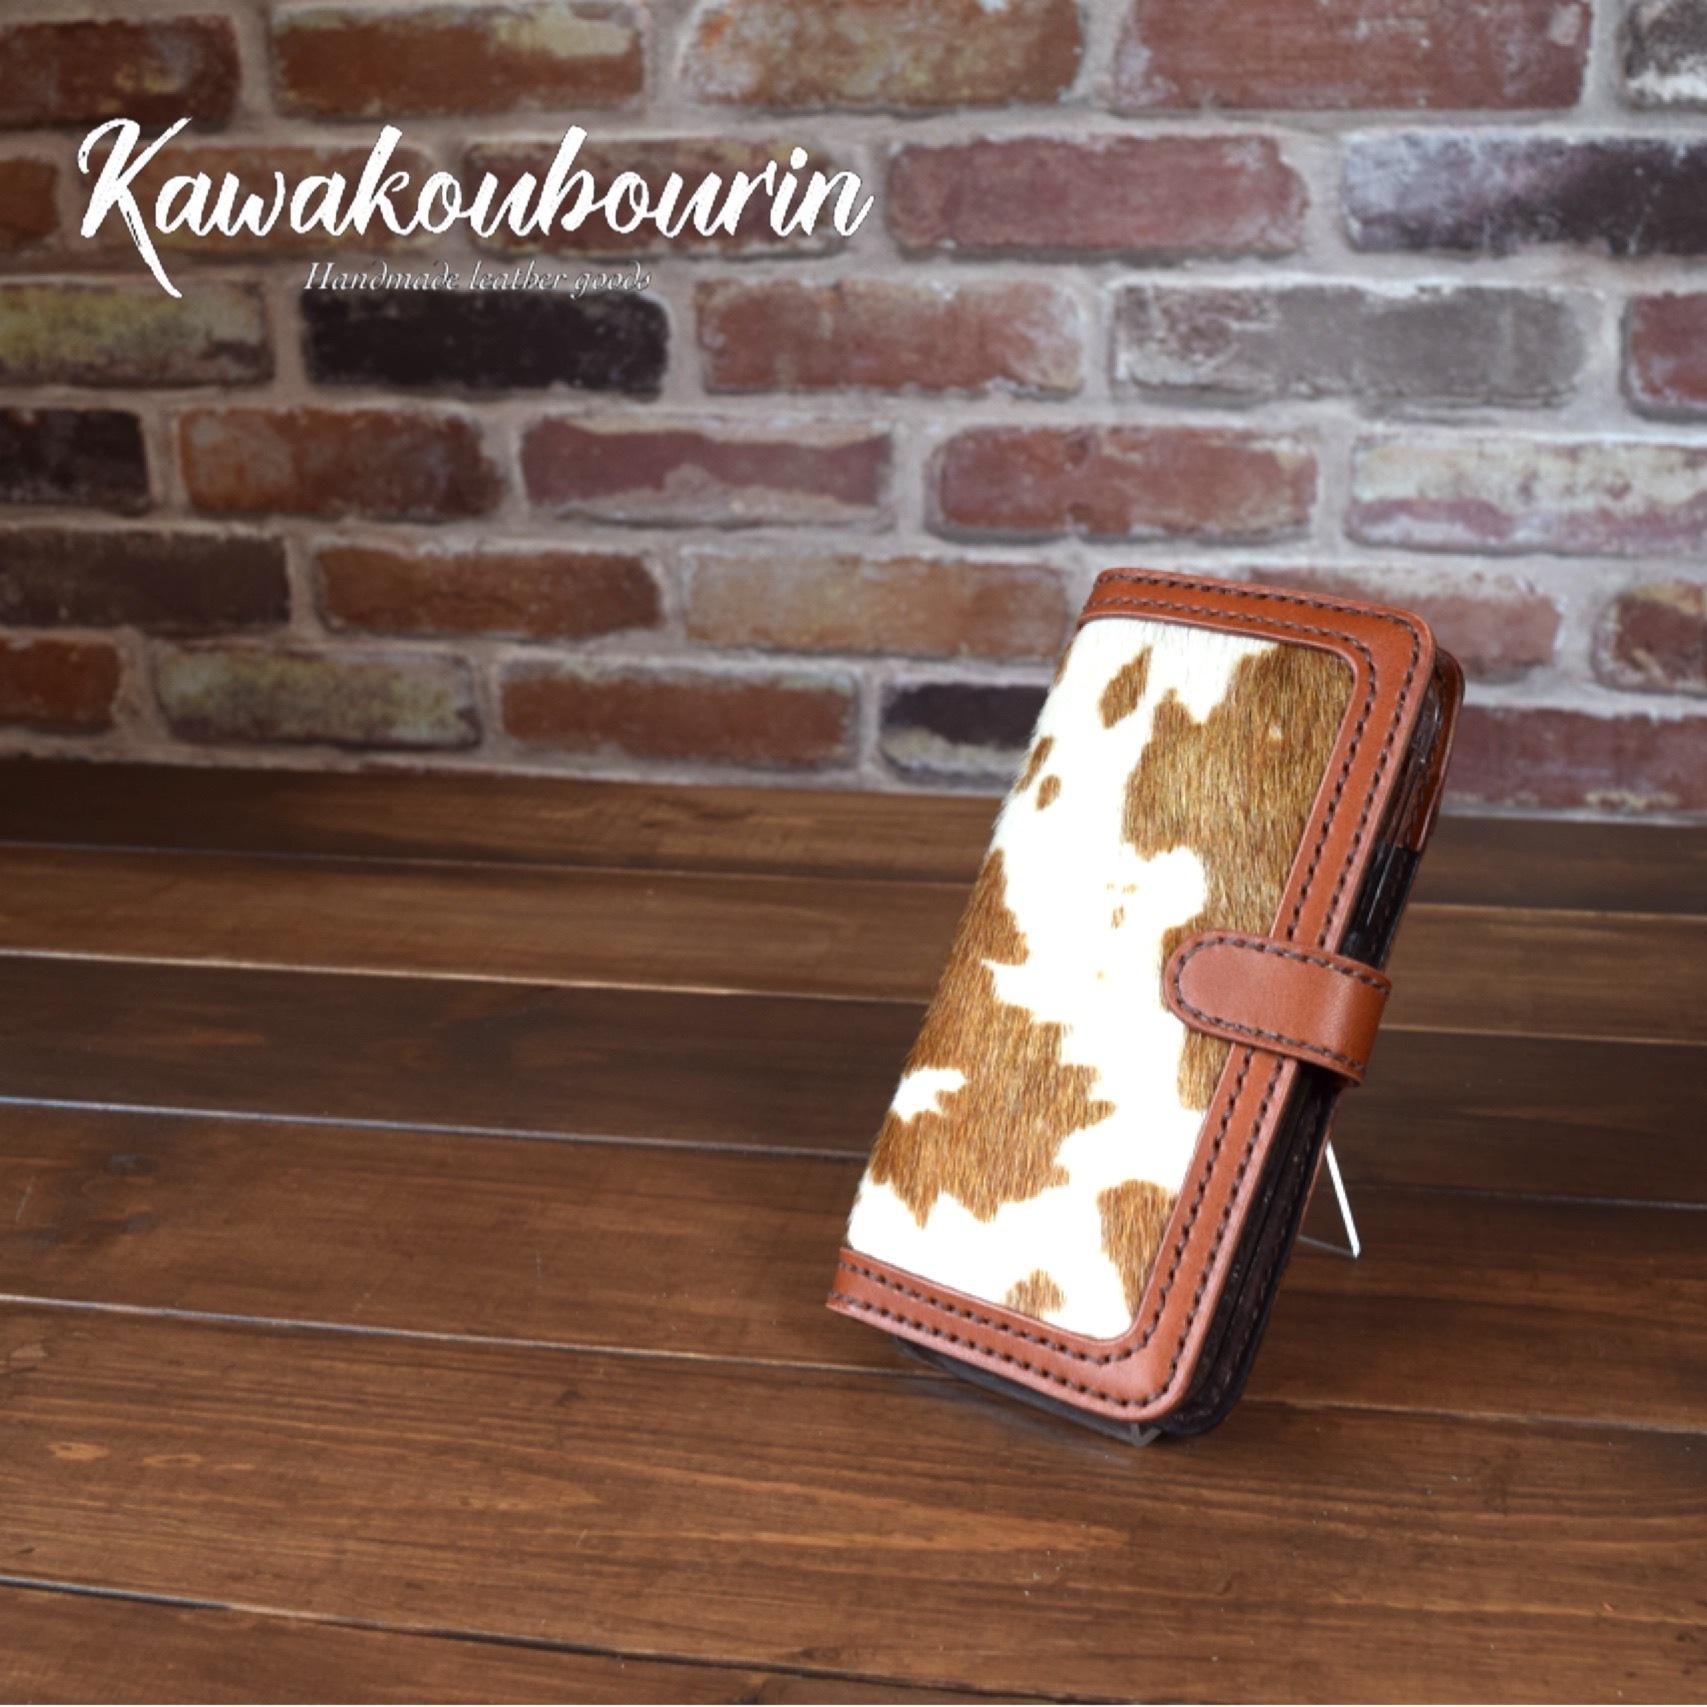 【オーダーメイド制作例】スマホカバー   (KA211c2)